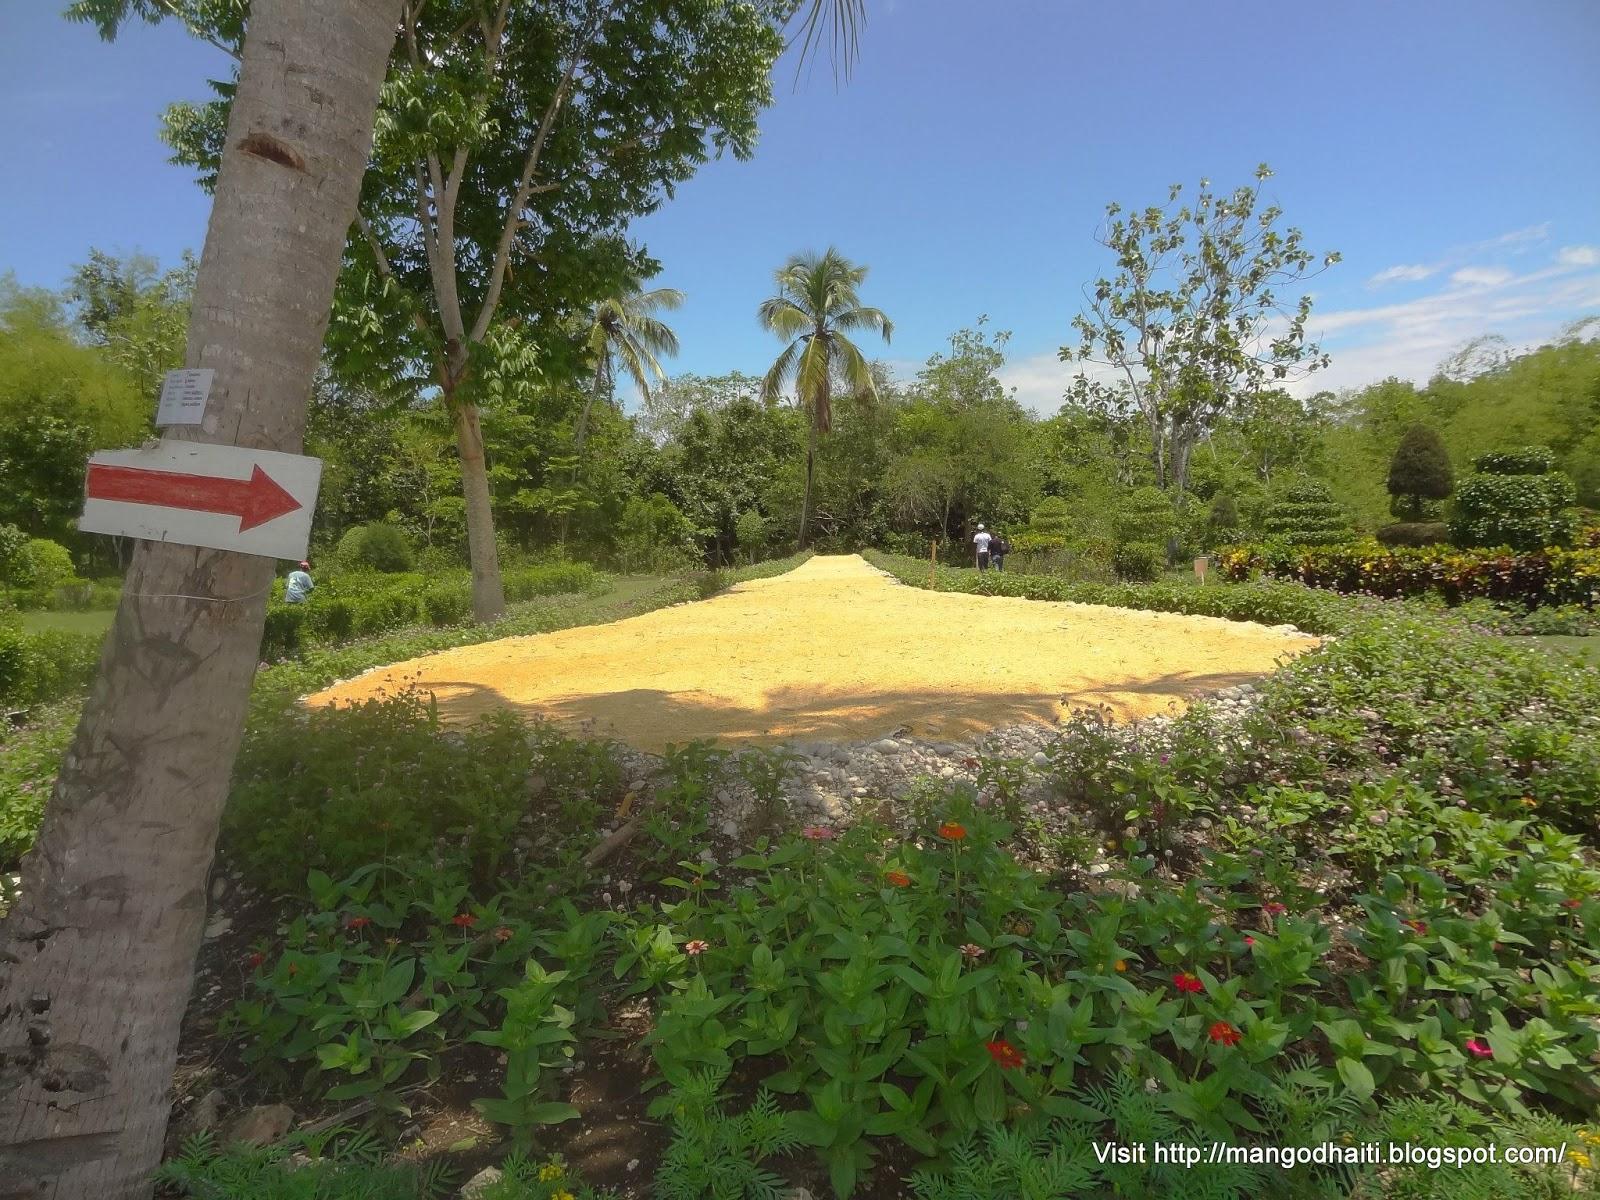 Renaud duvivier le jardin botanique des cayes samedi 27 for Camping le jardin botanique limeray